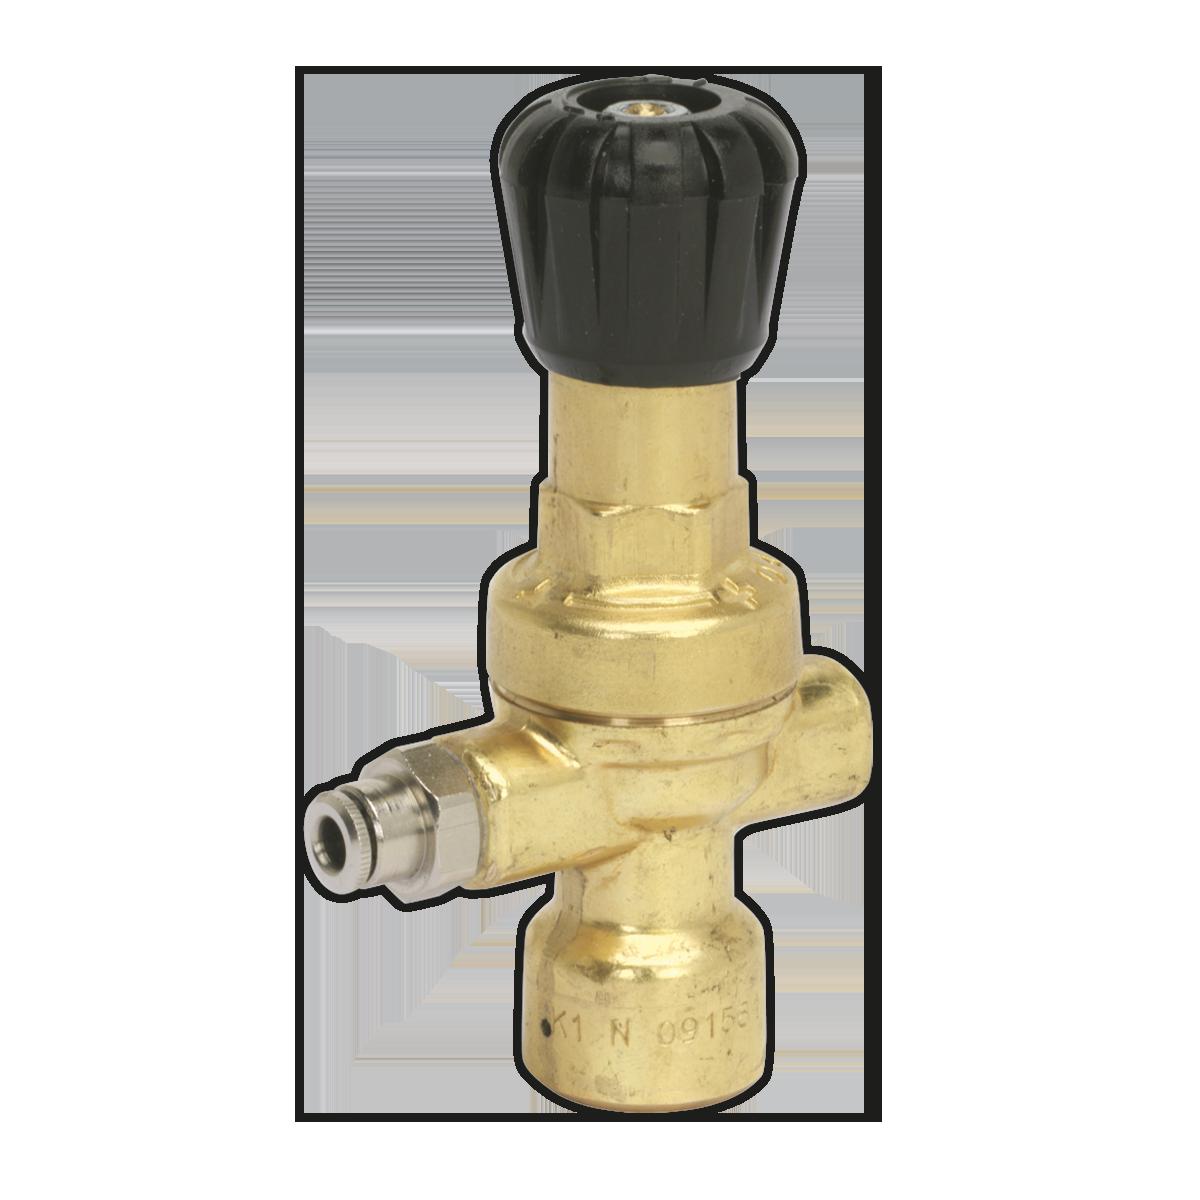 Mig Gas Regulator Disposable Cylinder No Gauge-sealey Reg/mm-neuf-afficher Le Titre D'origine La Consommation RéGulièRe De Thé AméLiore Votre Santé